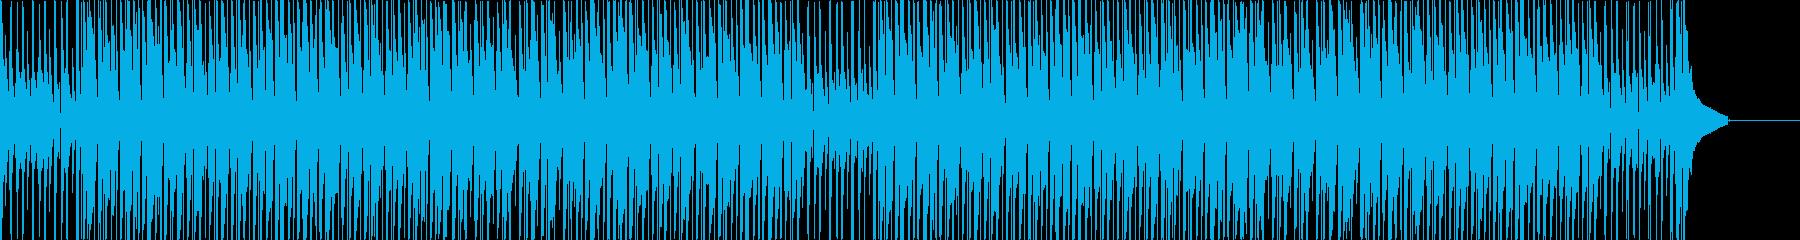 ウクレレとグロッケンの軽快で前向きな曲の再生済みの波形